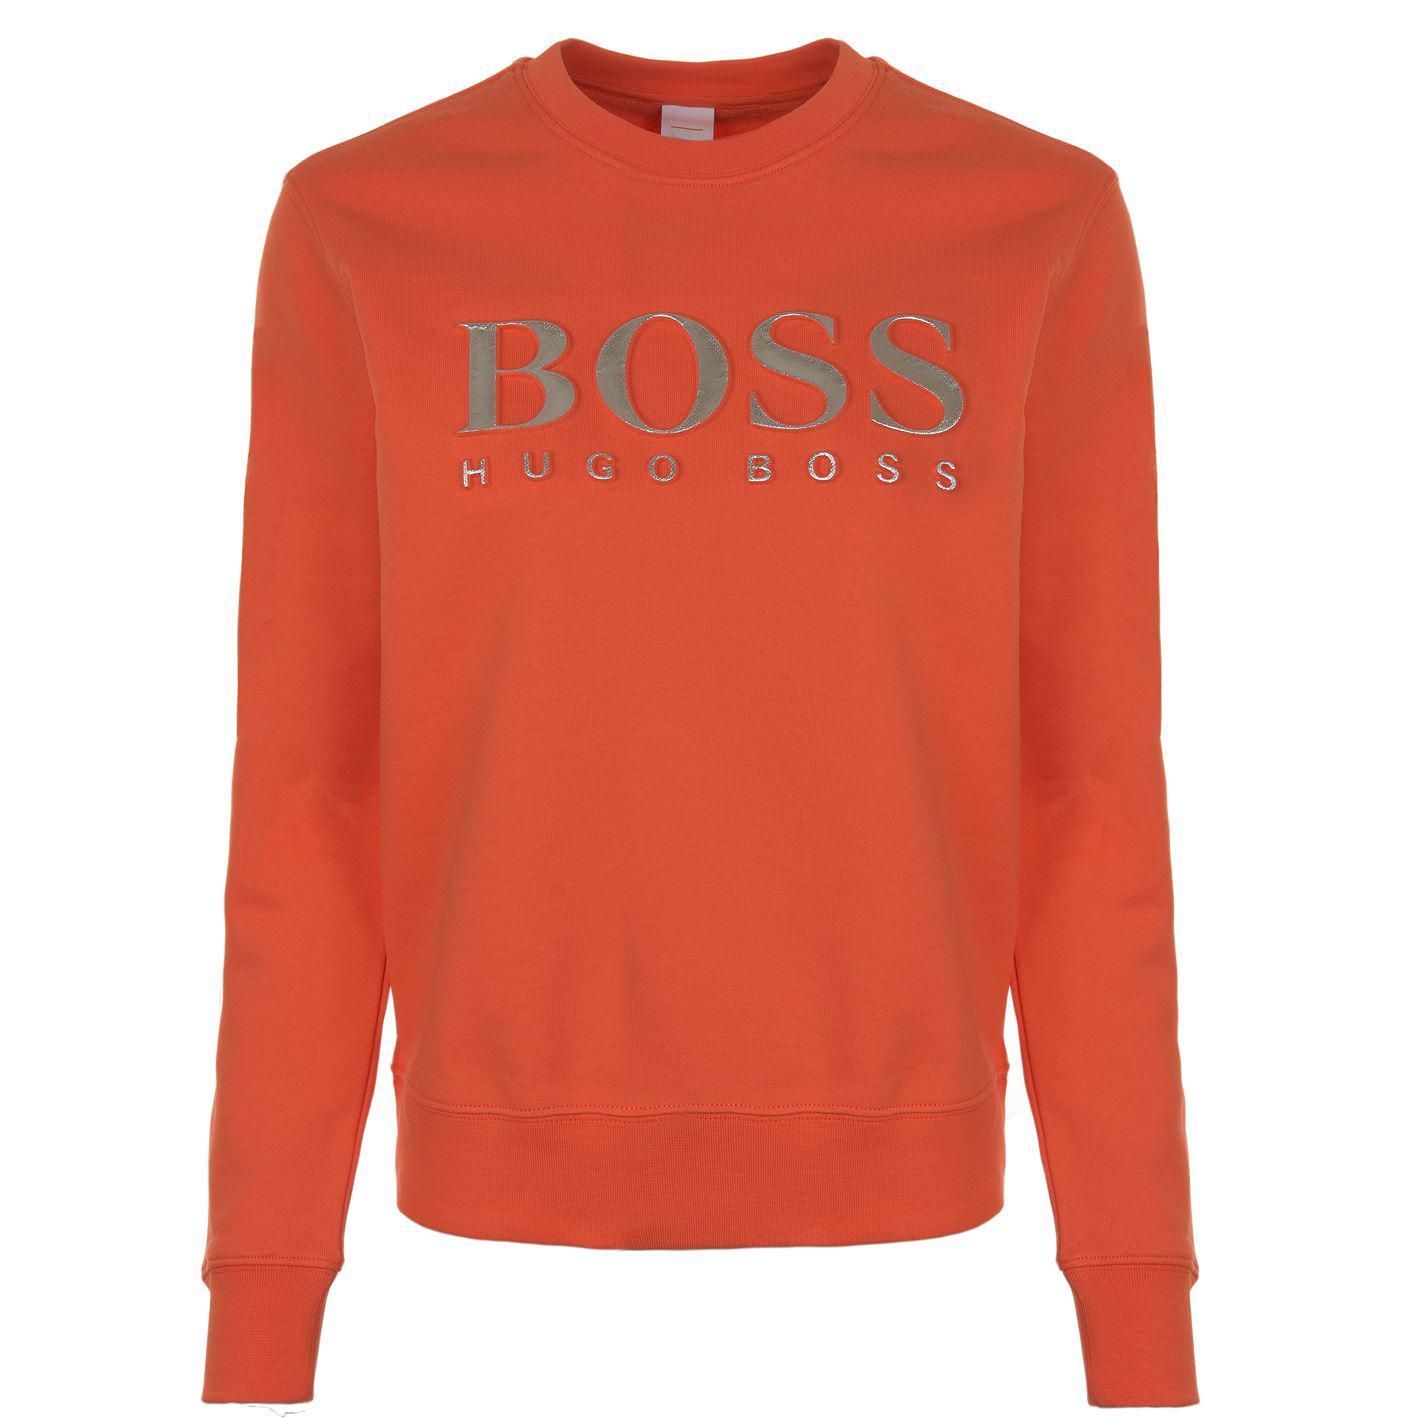 287f23d3e BOSS by Hugo Boss Talaboss Sweatshirt in Orange - Lyst